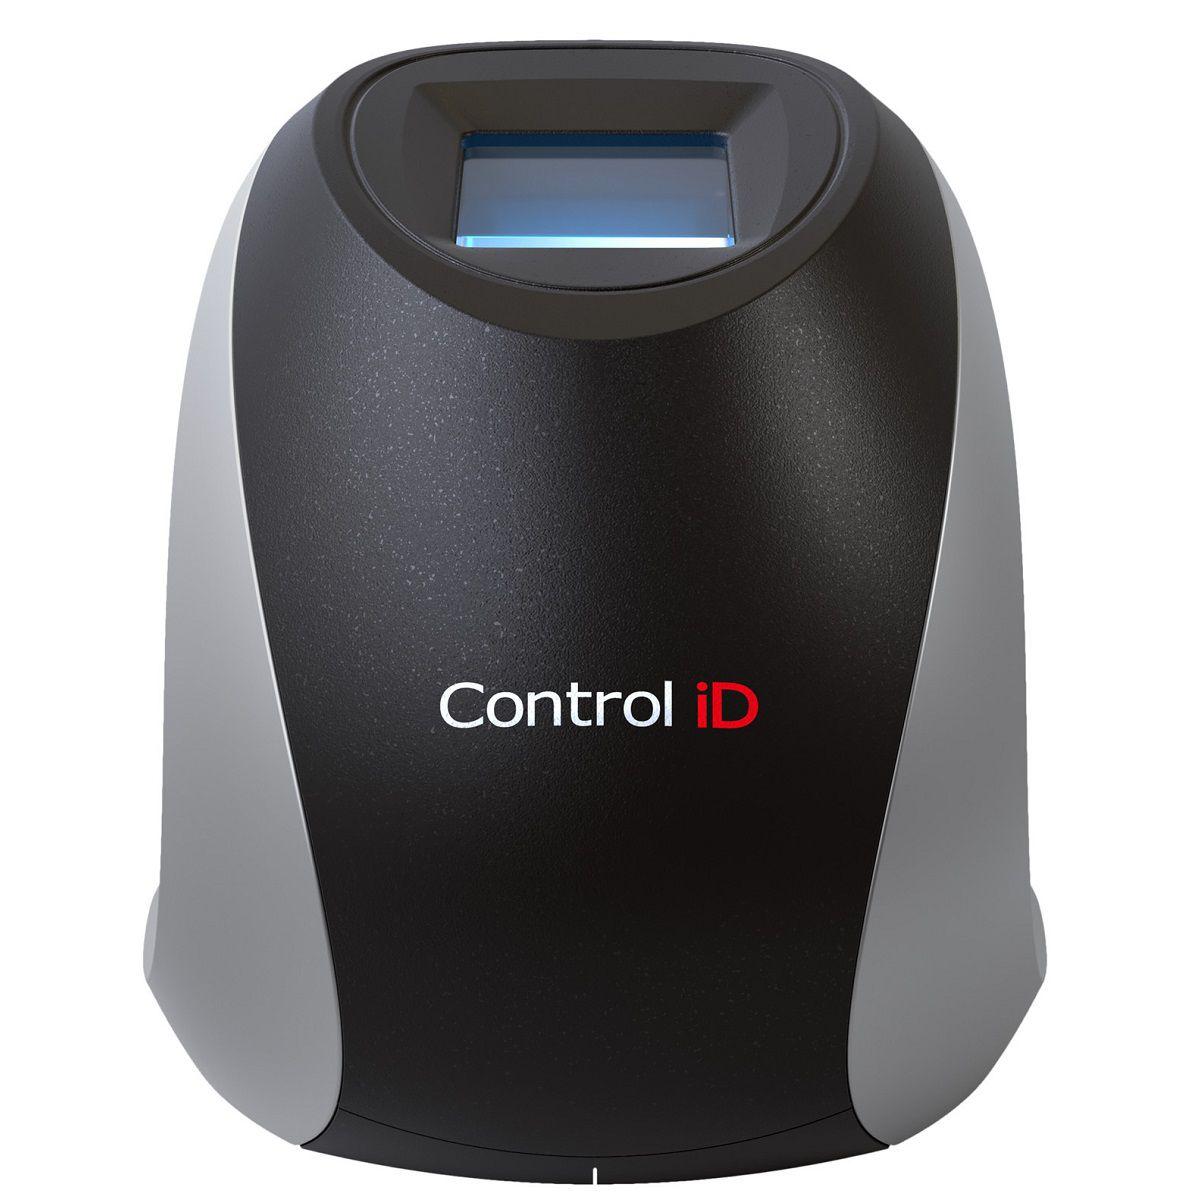 Leitor Biométrico Control ID iD Bio PRO